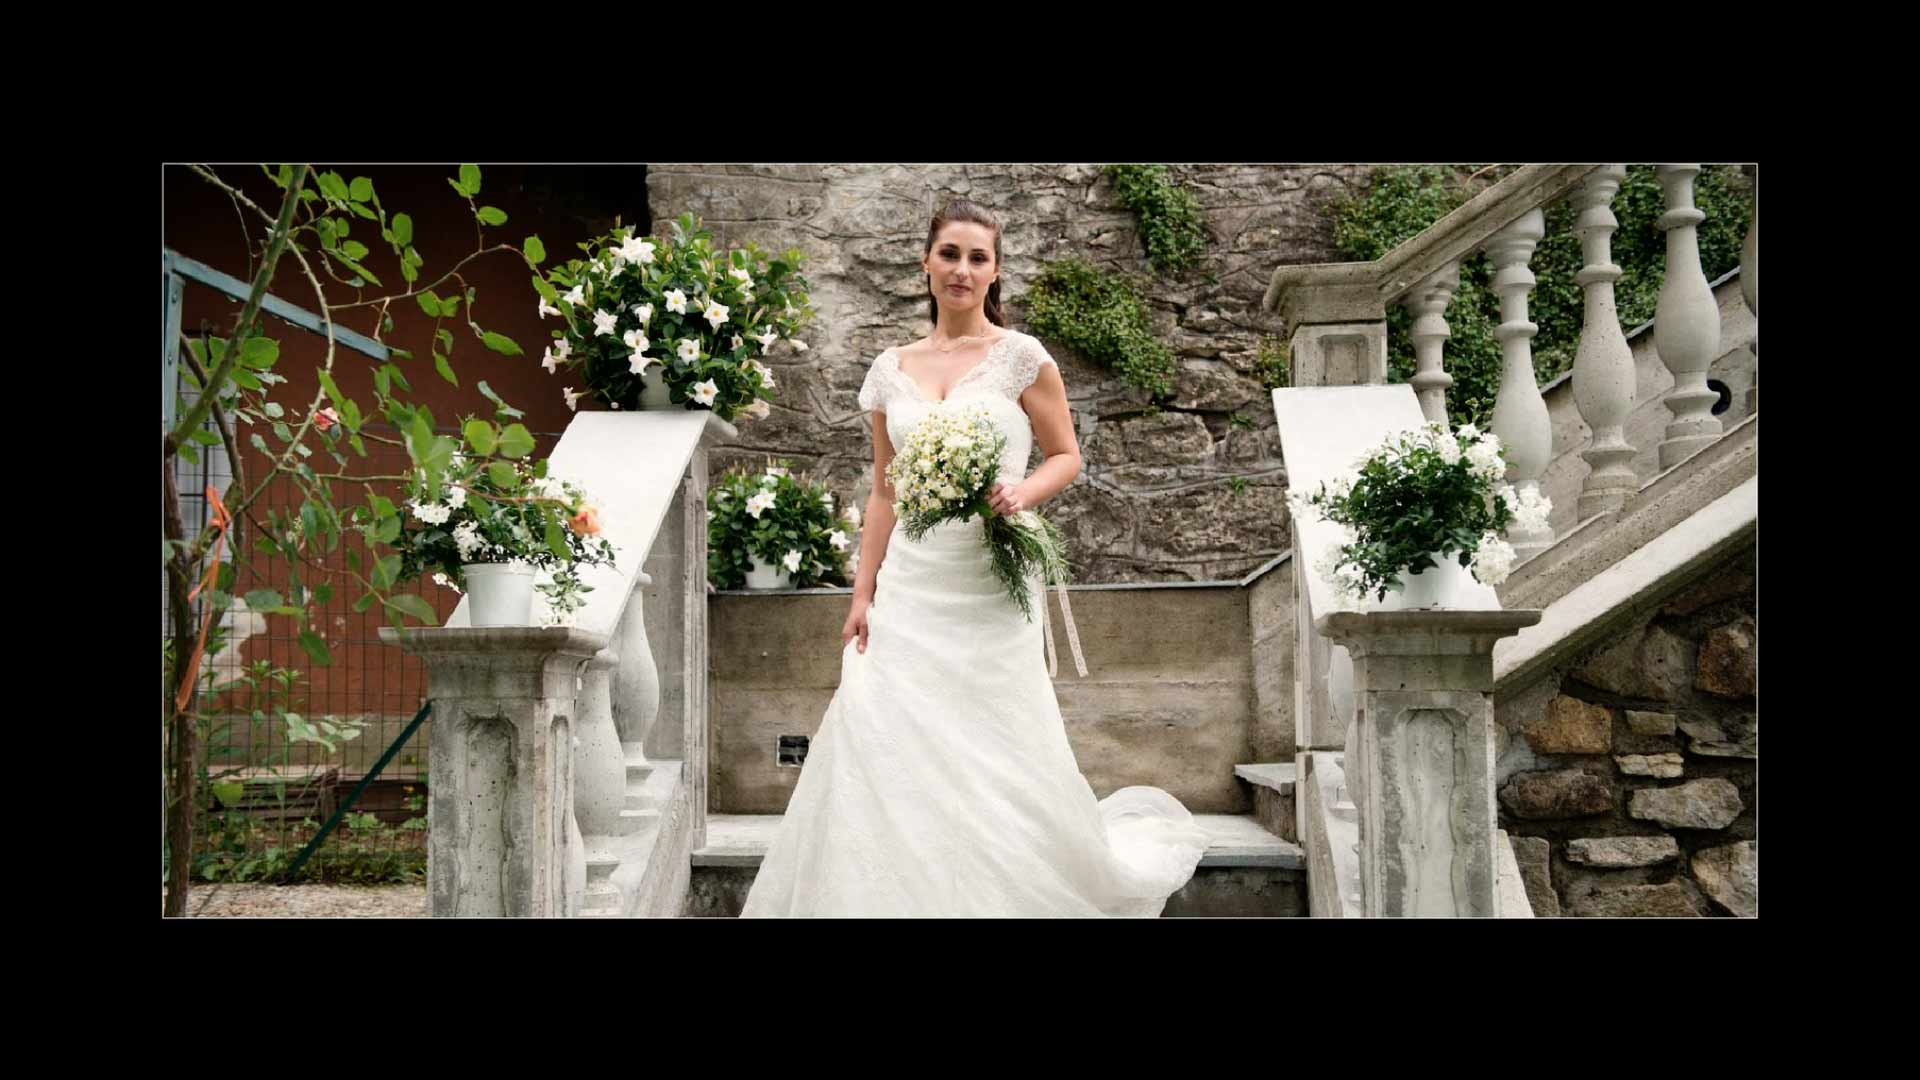 fotografo di matrimonio a varese fotografala sposa all'uscita di casa